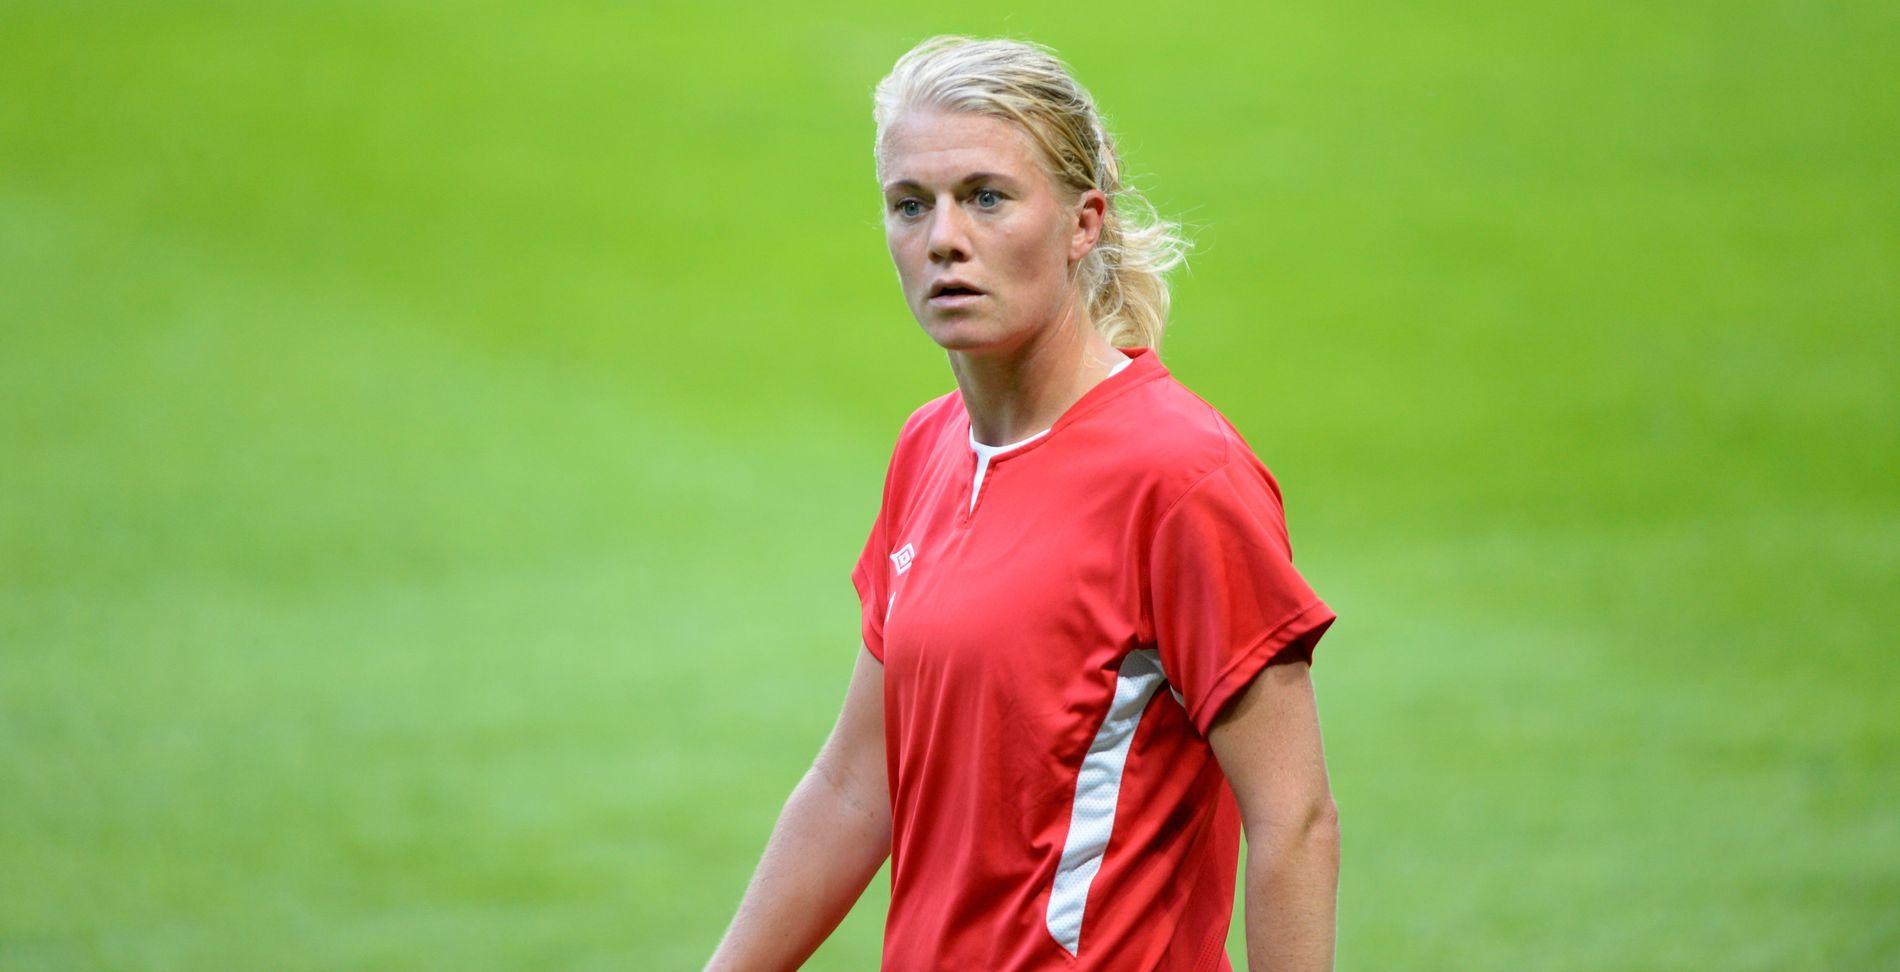 KRITISK:  Solveig Gulbrandsen, her fra trening i 2013 med landslaget, synes det er dumt at Eliteserien og landslagskampen krasjer.